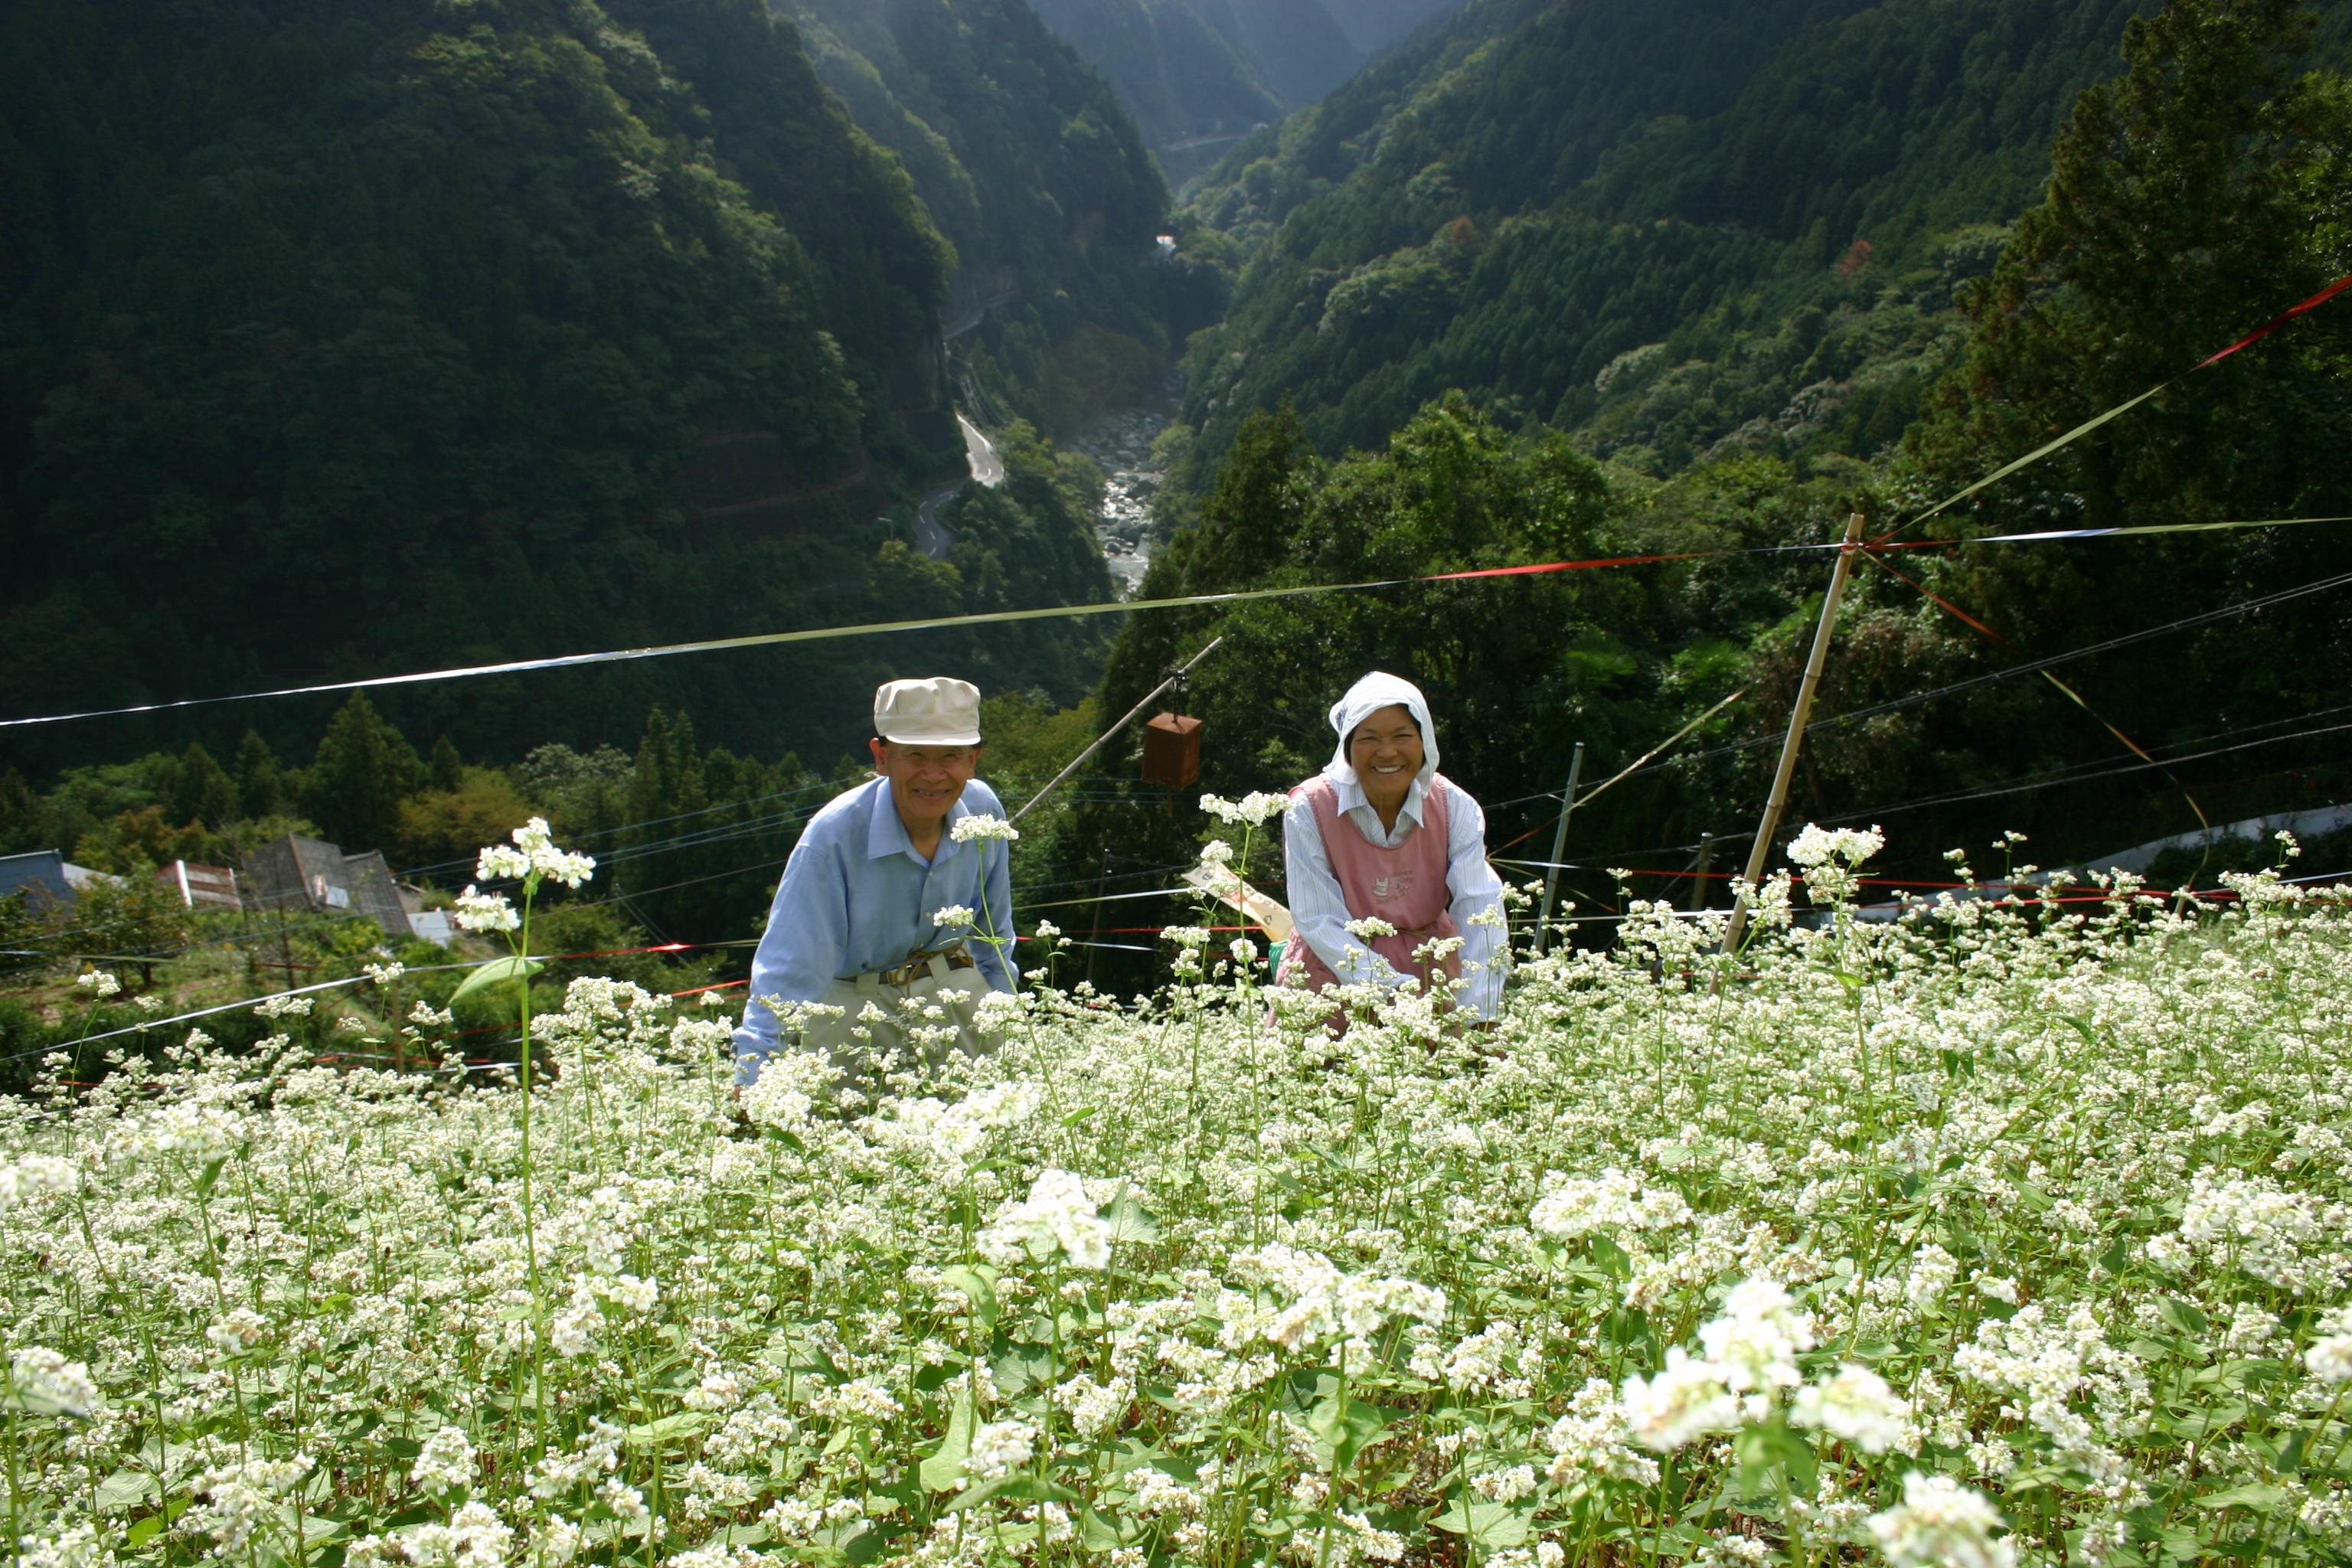 世界農業遺産に認定された、急傾斜のソバ畑。